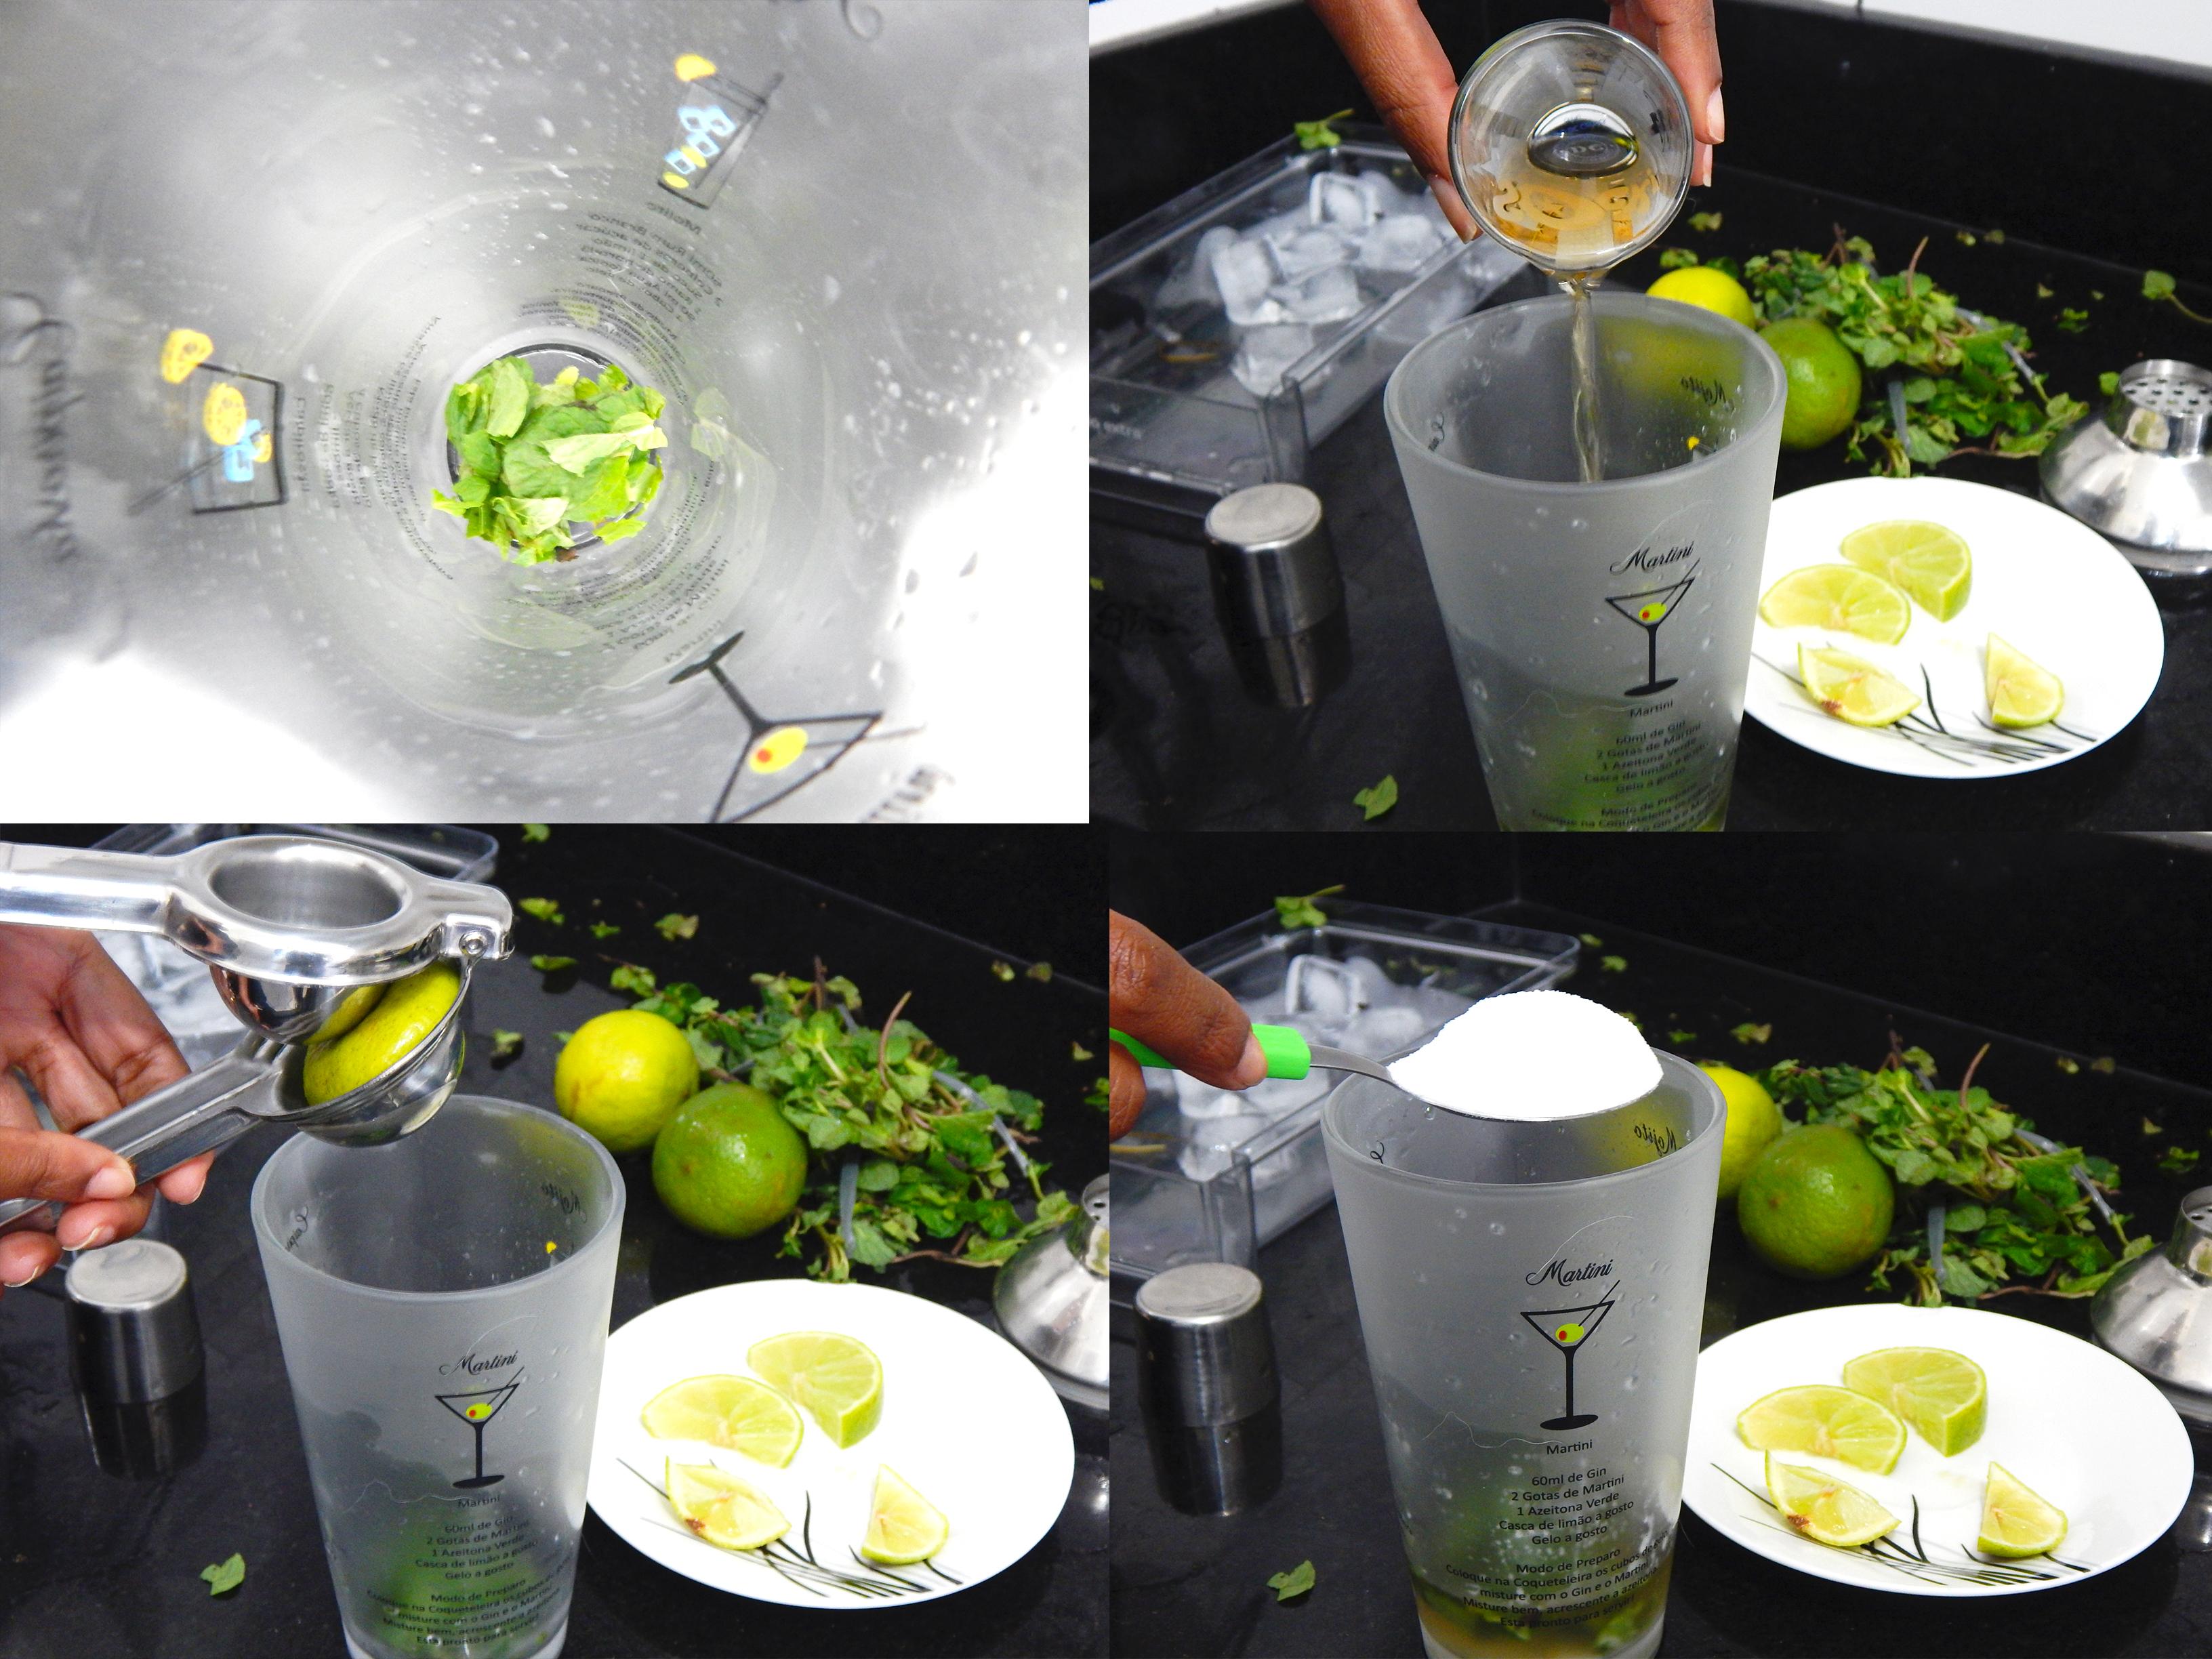 misture-ingredientes-coqueteleira-receita-drink-mojito-na-cozinha-sozinho